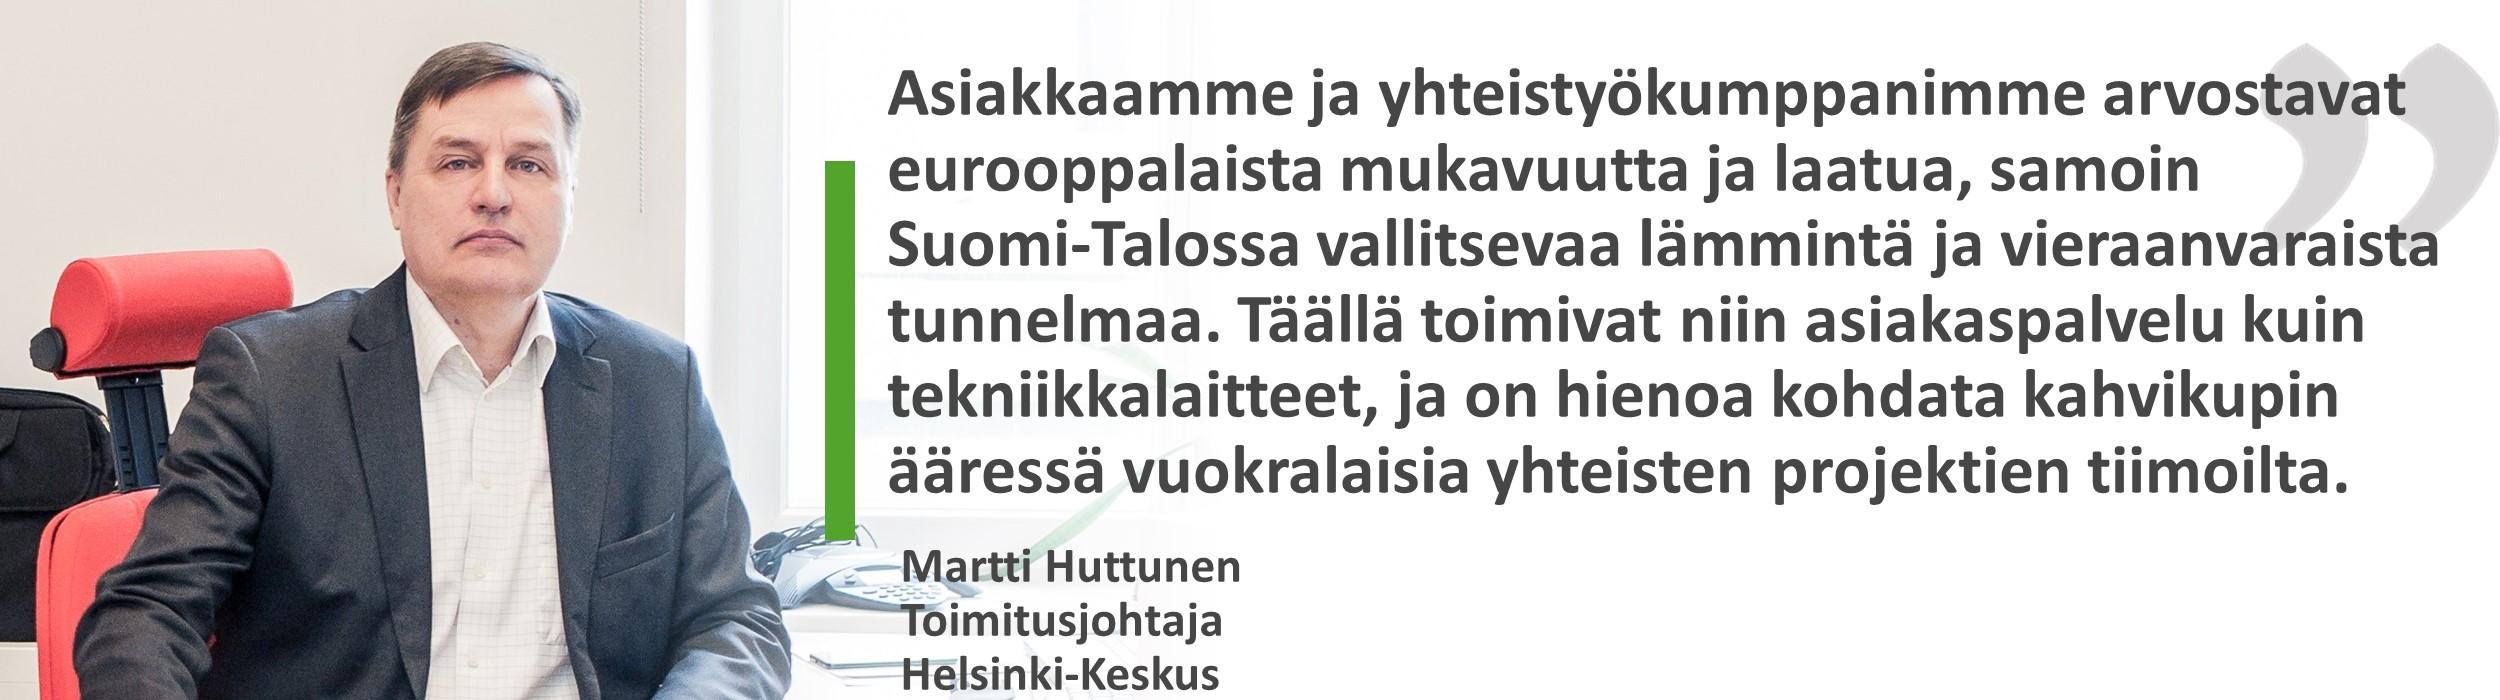 Martti Huttunen, Helsinki-keskus